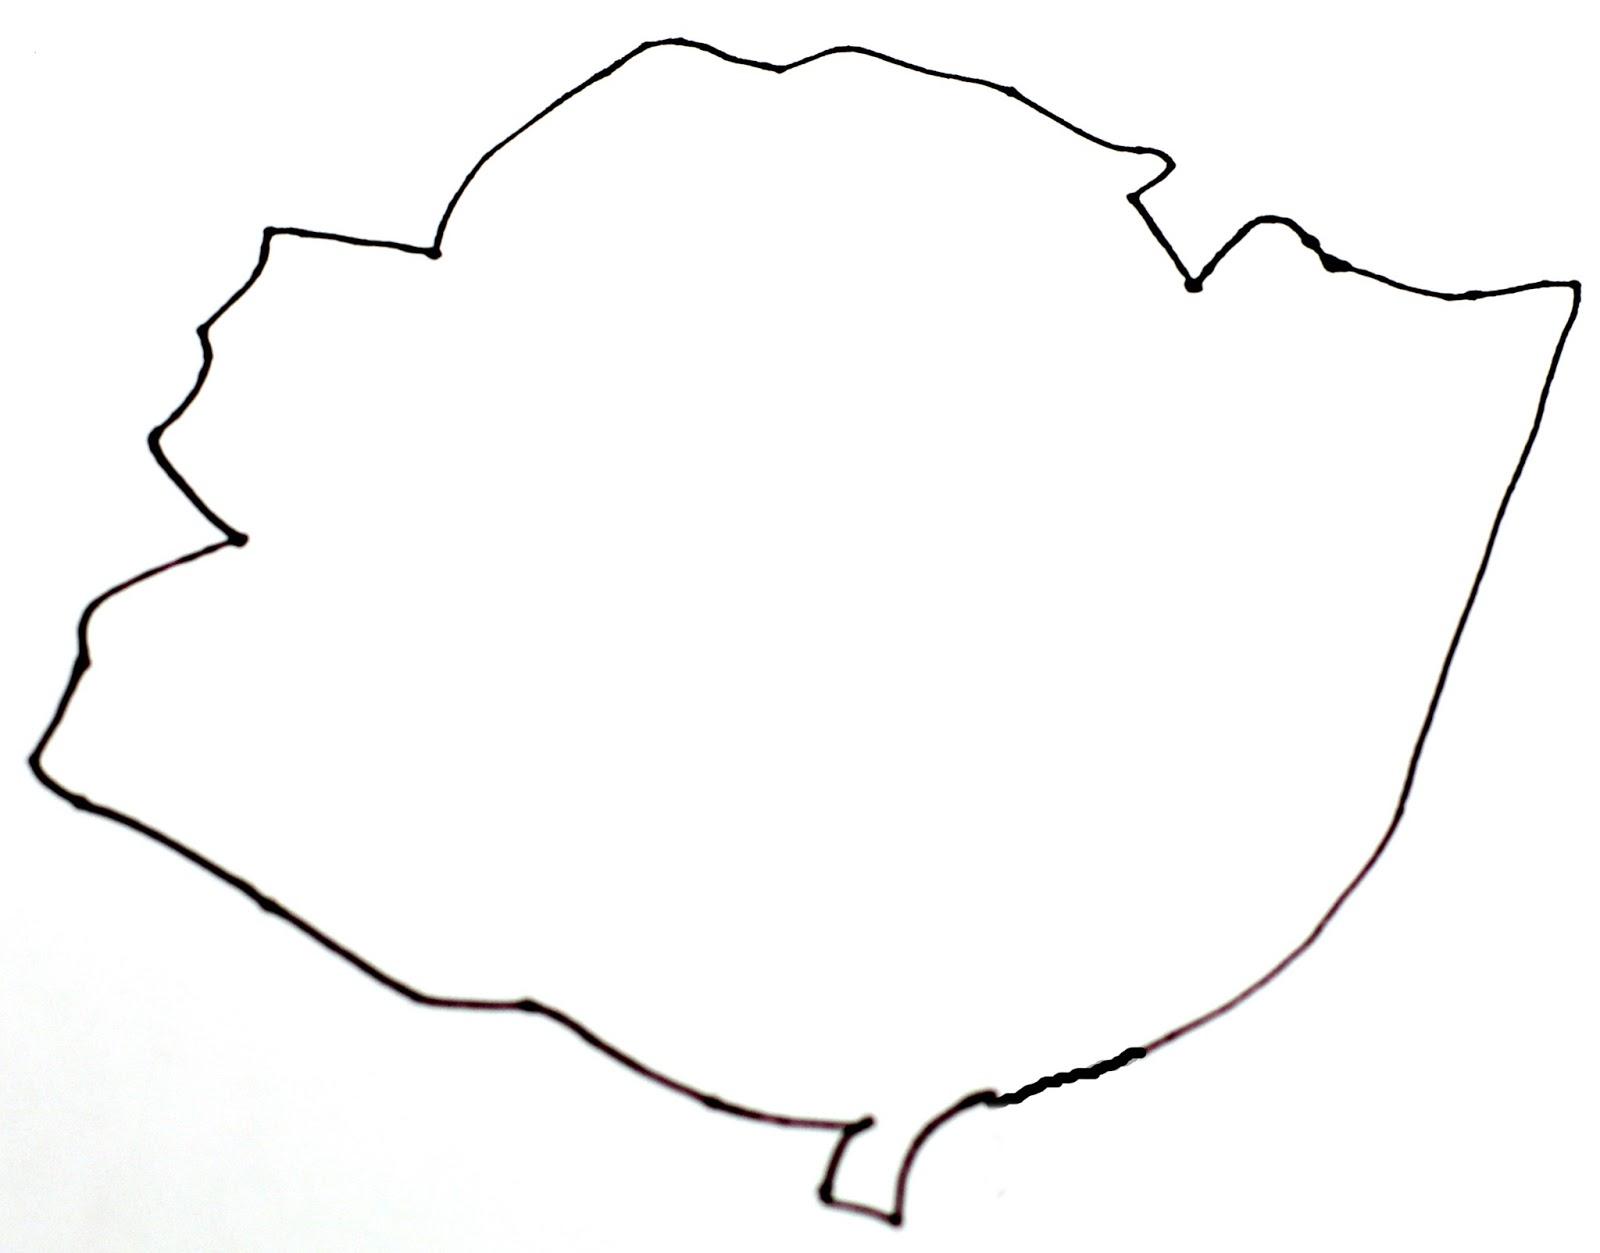 Flower Petal Stencil - ClipArt Best